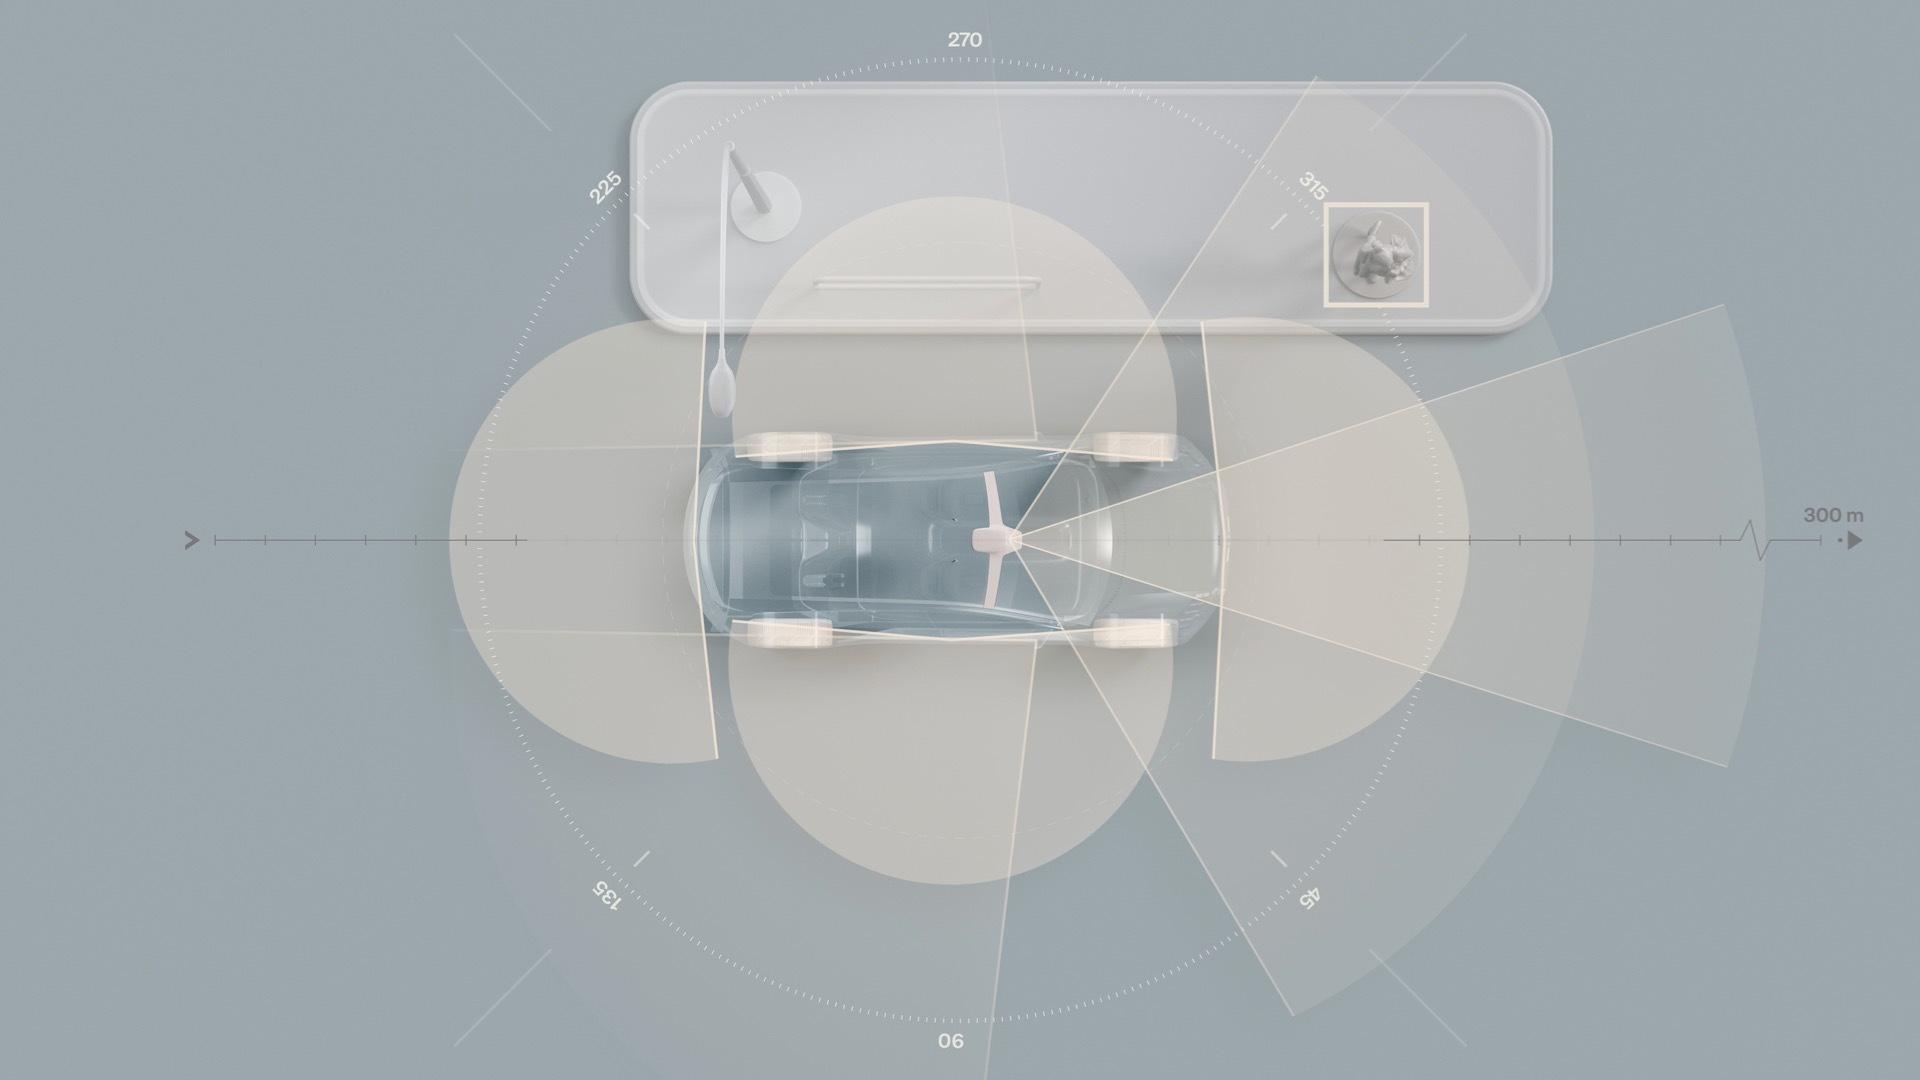 Sensor suite for electric Volvo XC90 successor